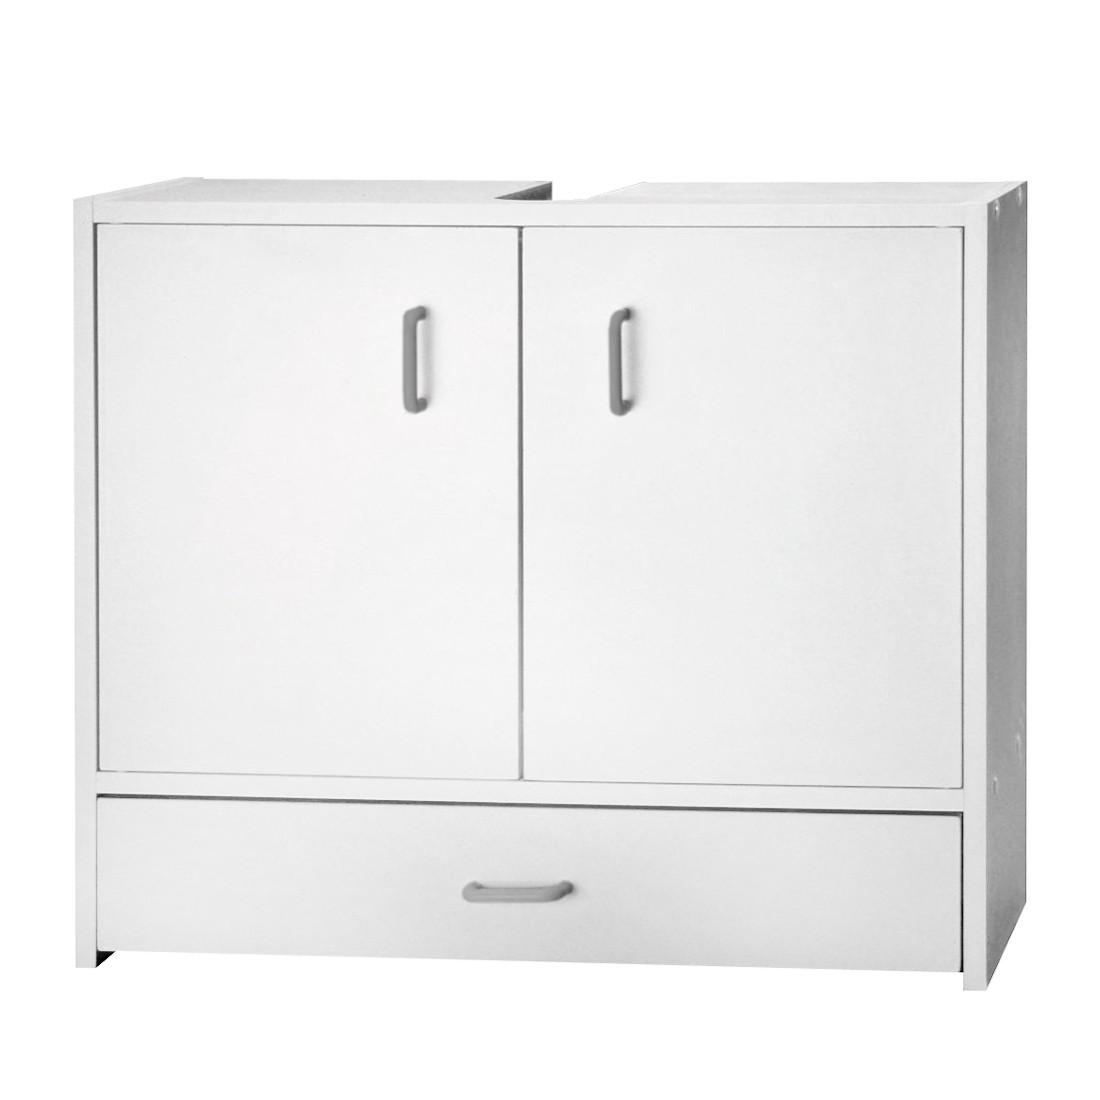 Armadietto da lavabo Cuneo - Con cassetto alla base bianca, Kesper Badmöbel